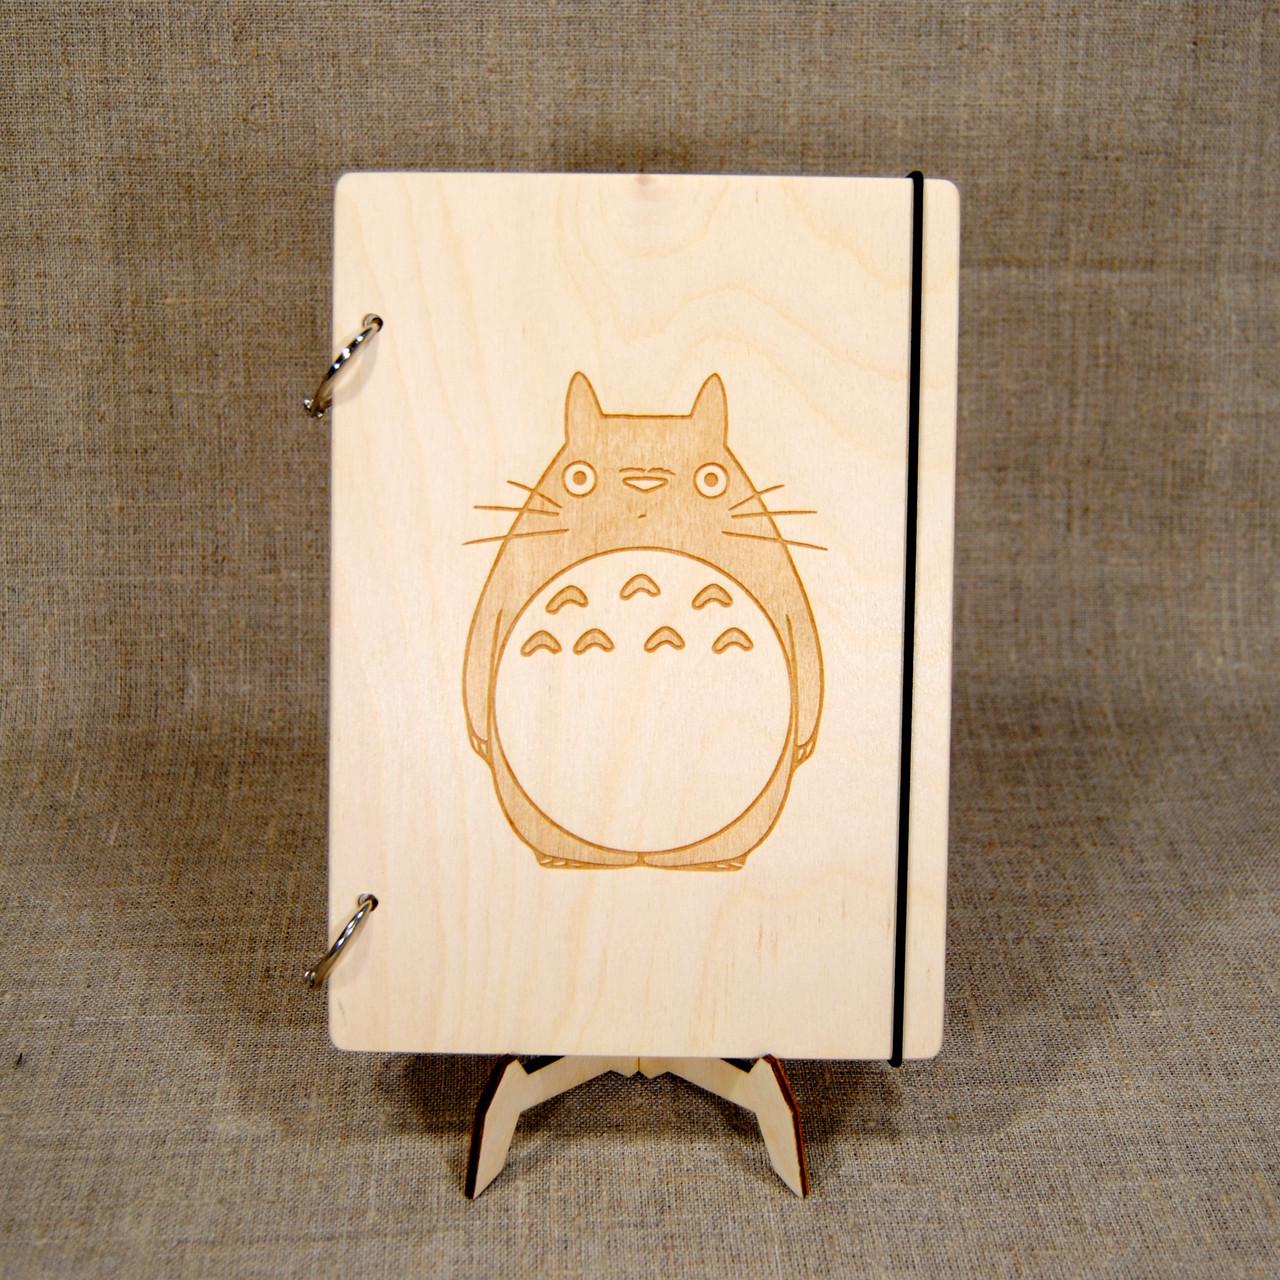 Блокнот А6. Скетчбук. Блокнот с деревянной обложкой. Блокнот в деревянном переплете. Деревянный блокнот